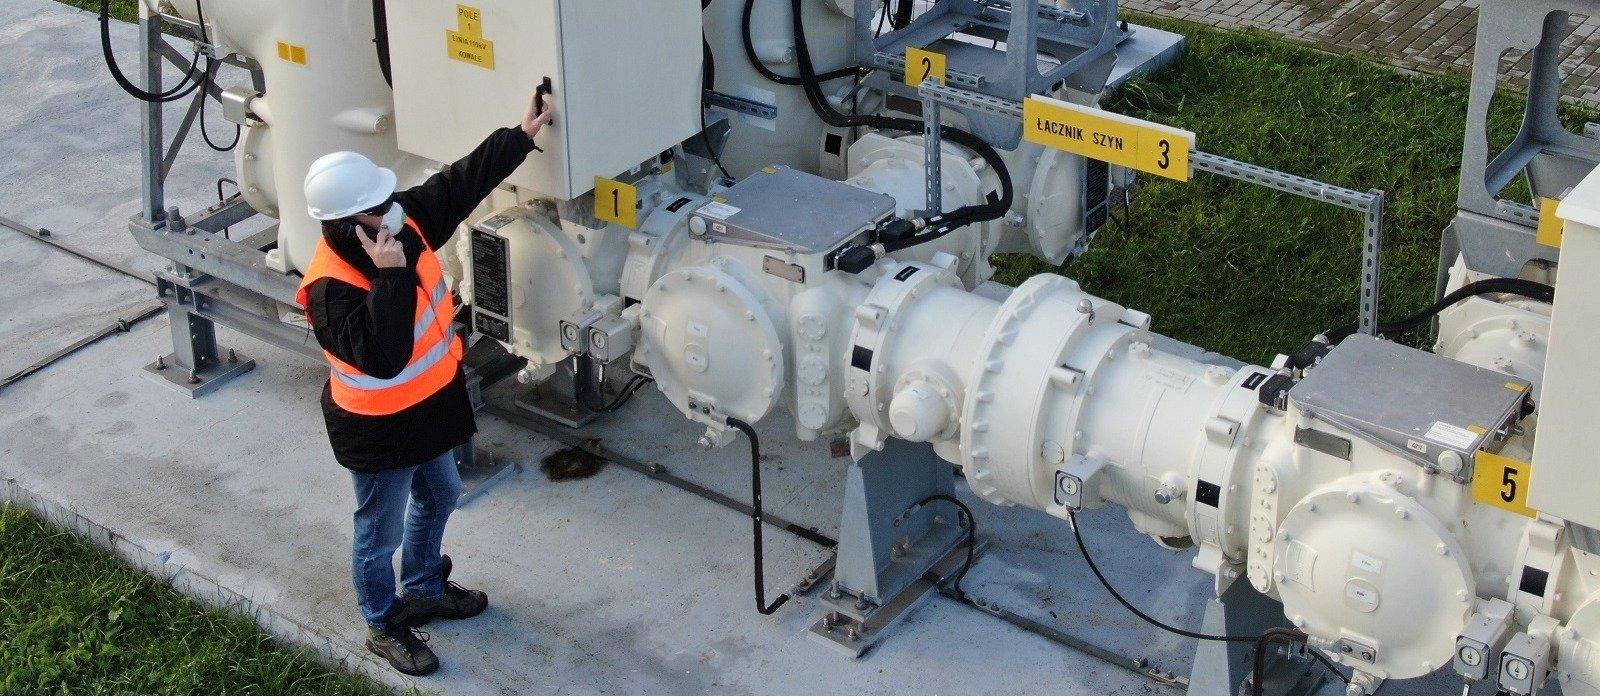 Jeden z czterech największych polskich dystrybutorów energii elektrycznej Energa Operator SA korzysta z cyfrowej sieci radiowej TETRA firmy Motorola Solutions.